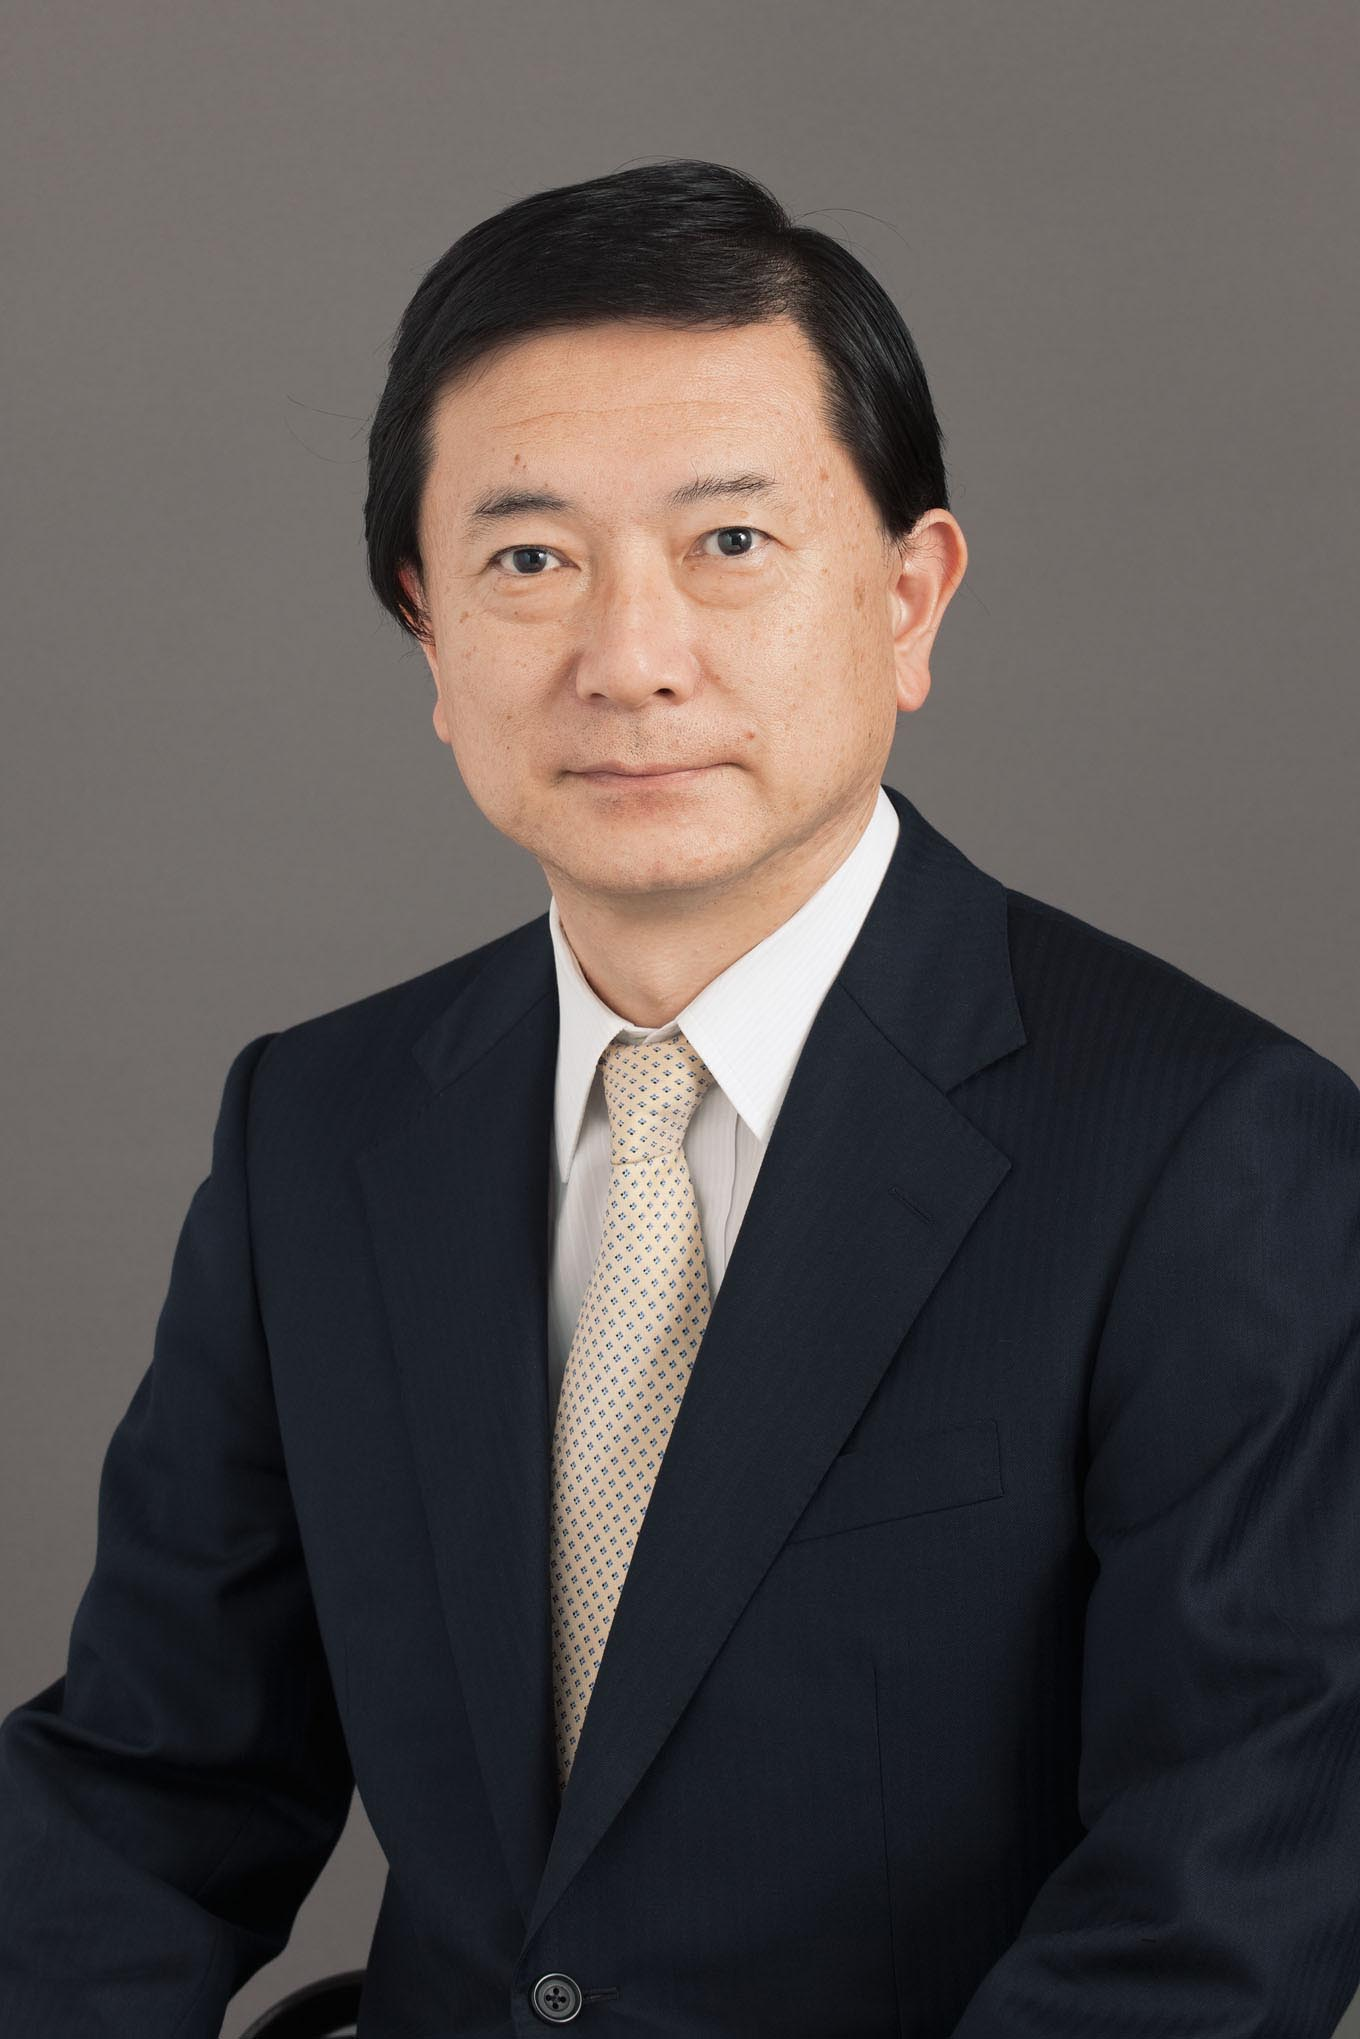 Kono,President